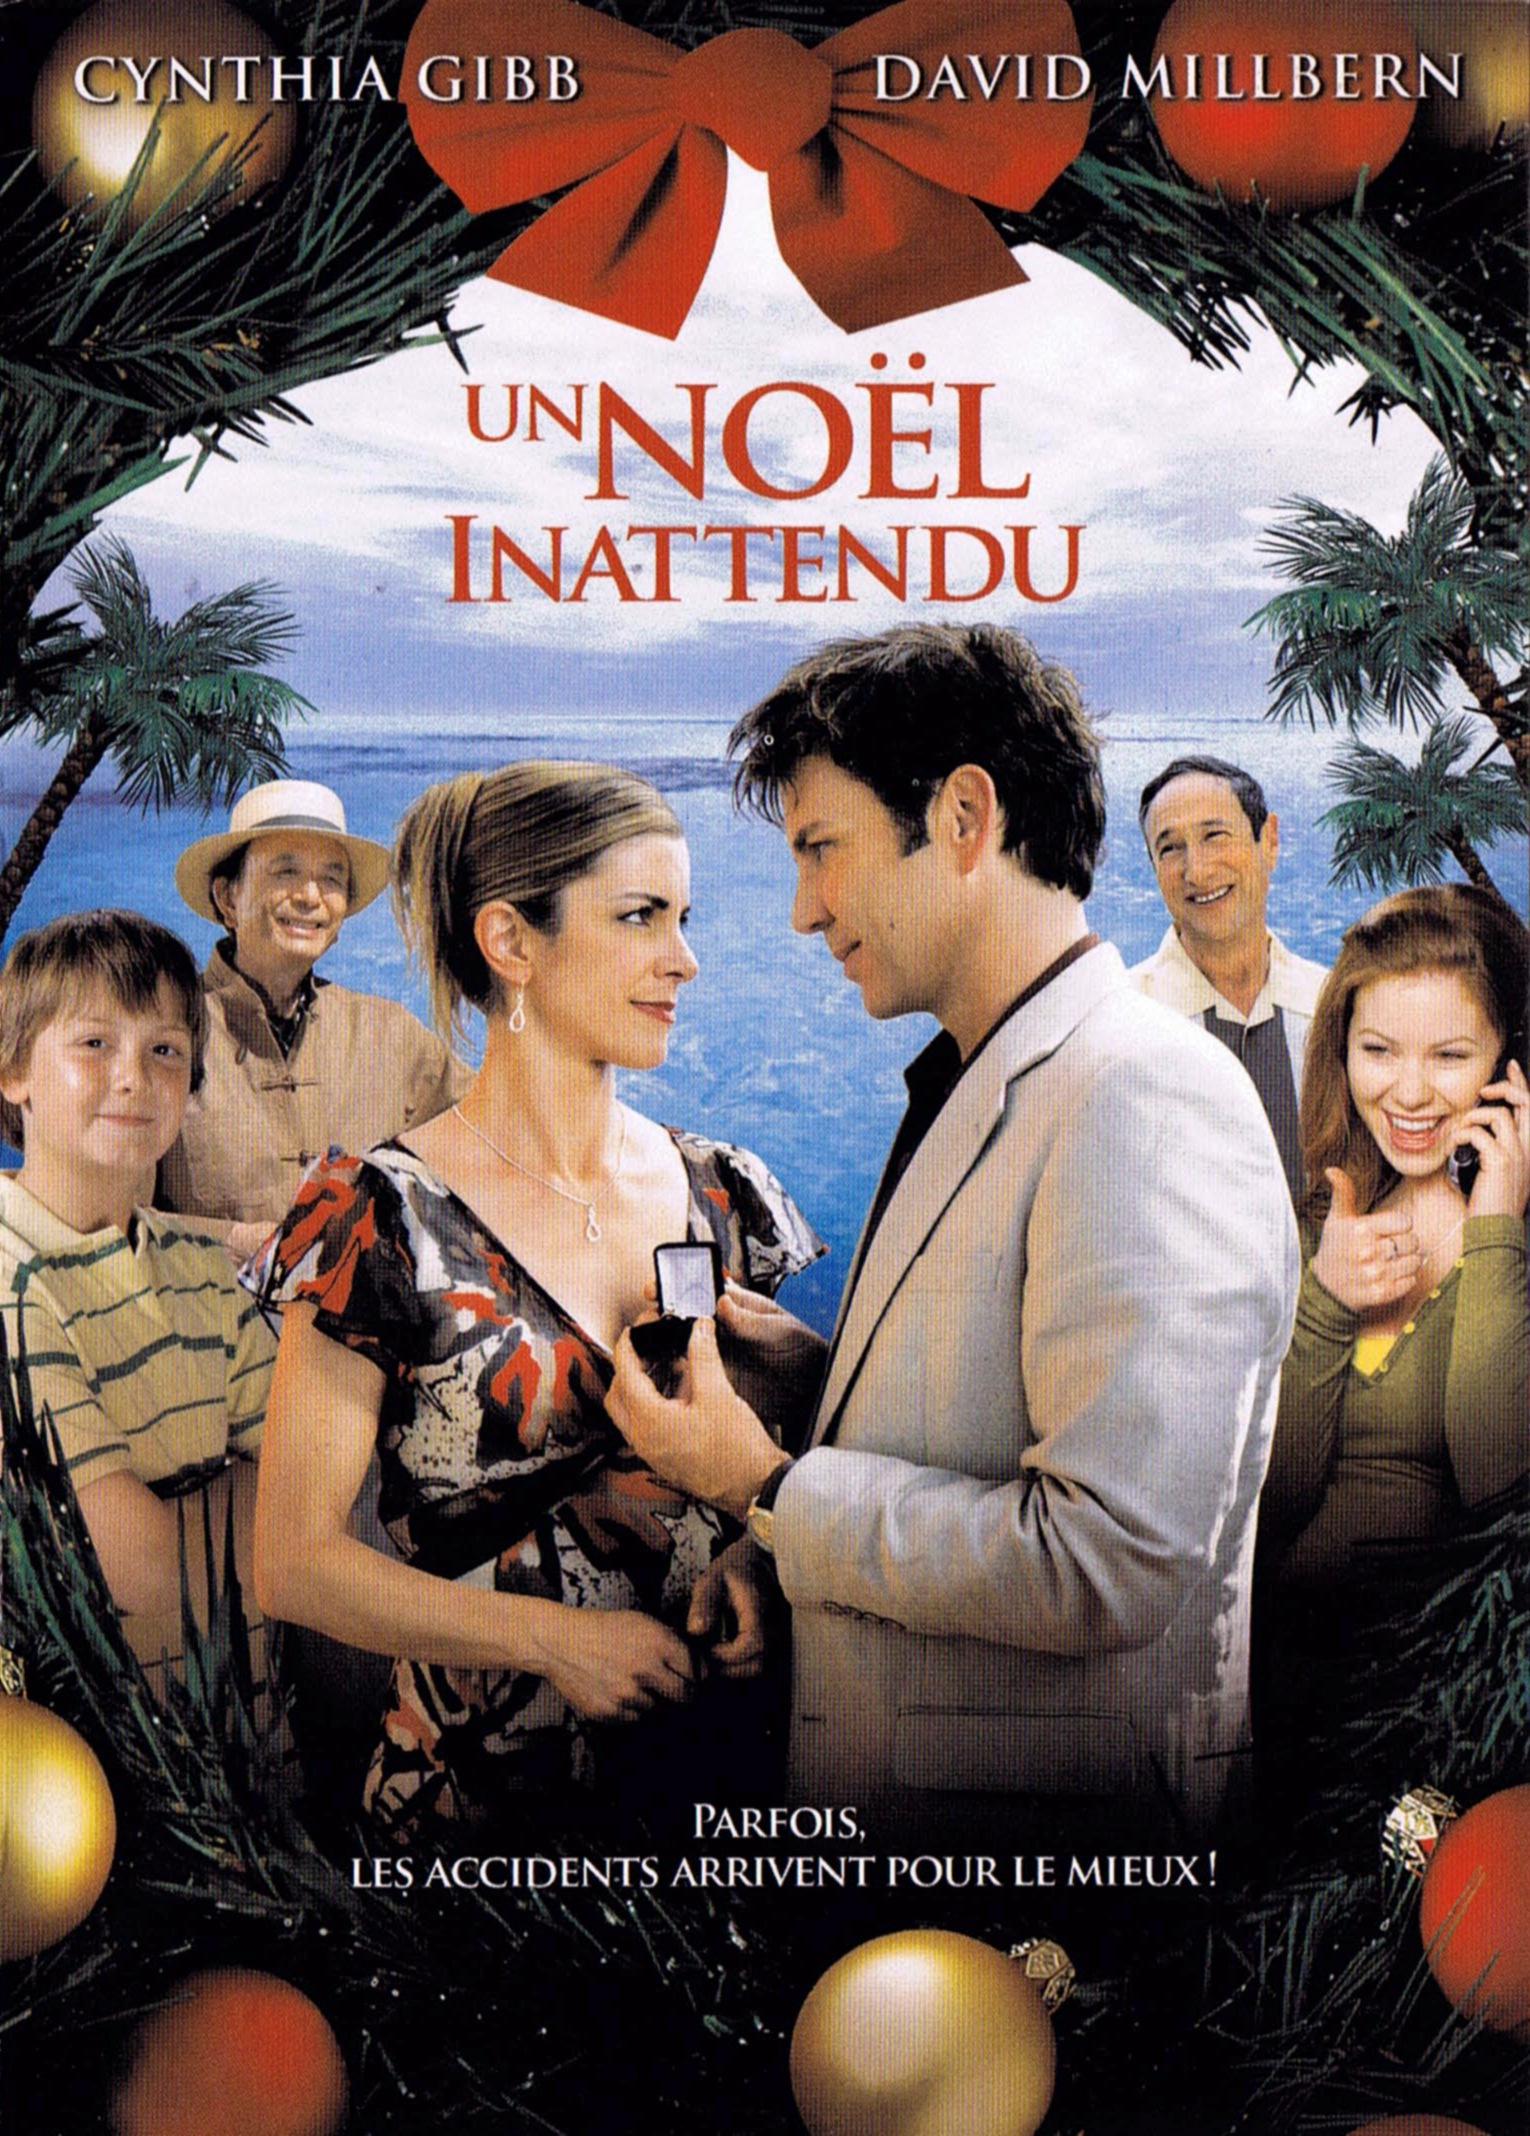 [UL.TO]    Un Noel Inatendu  FR mkv [DVDRIP]